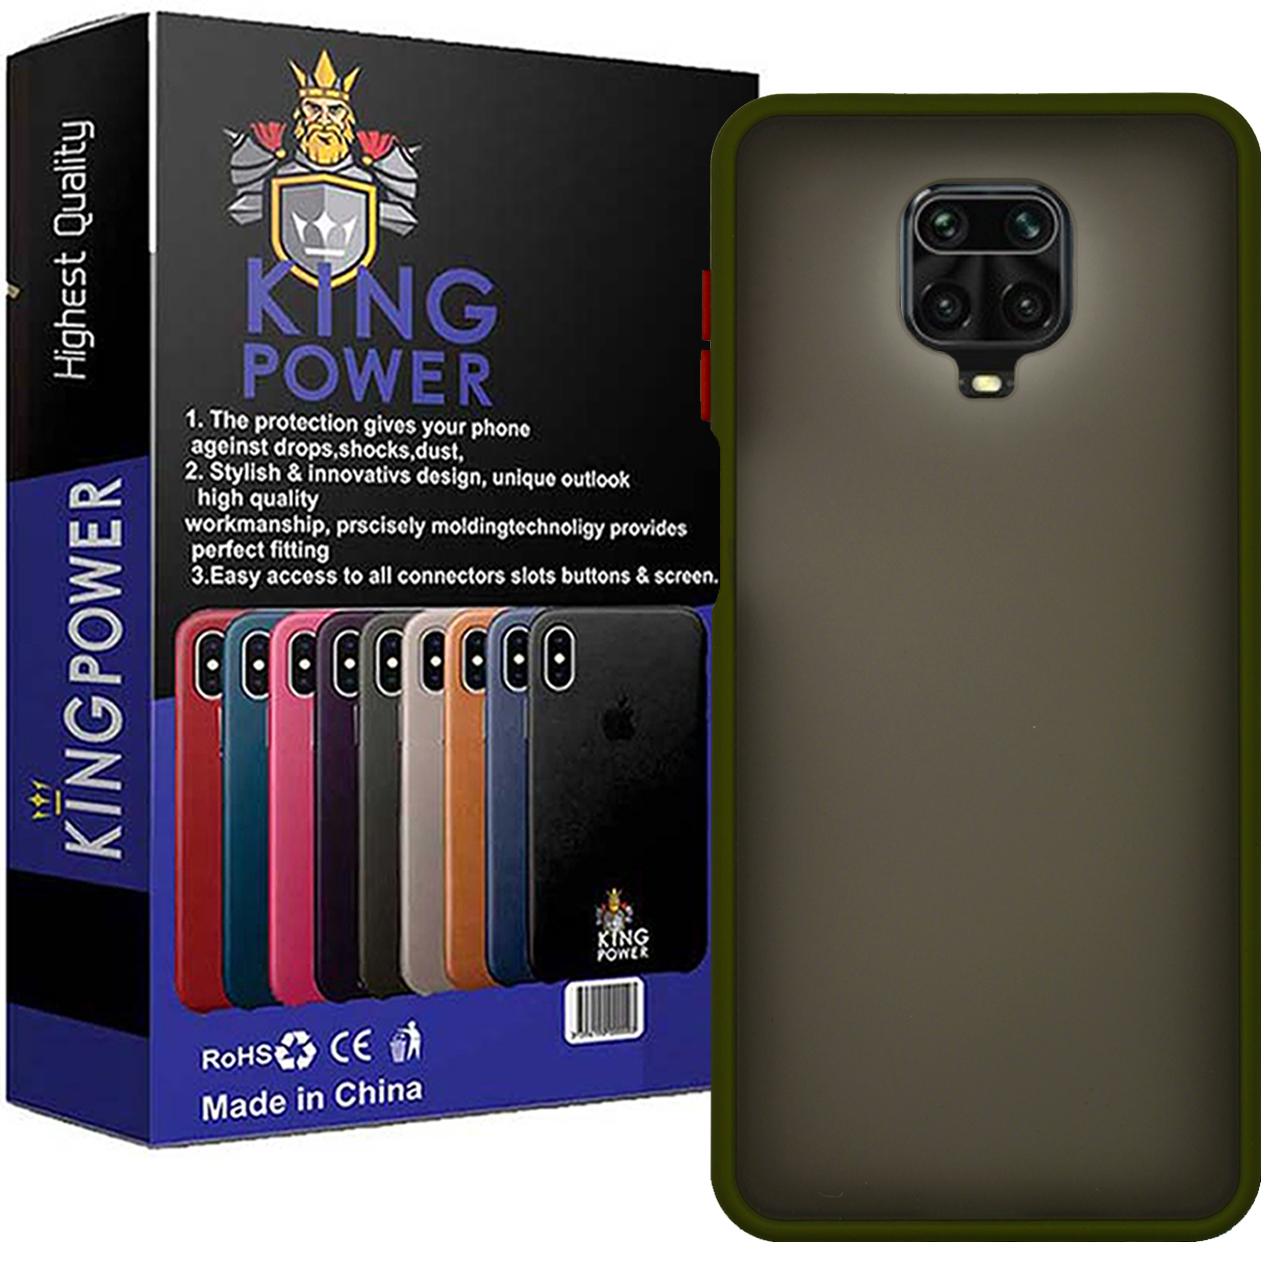 کاور کینگ پاور مدل M21 مناسب برای گوشی موبایل شیائومی Redmi Note 9S / Note 9 Pro / Note 9 Pro Max main 1 2